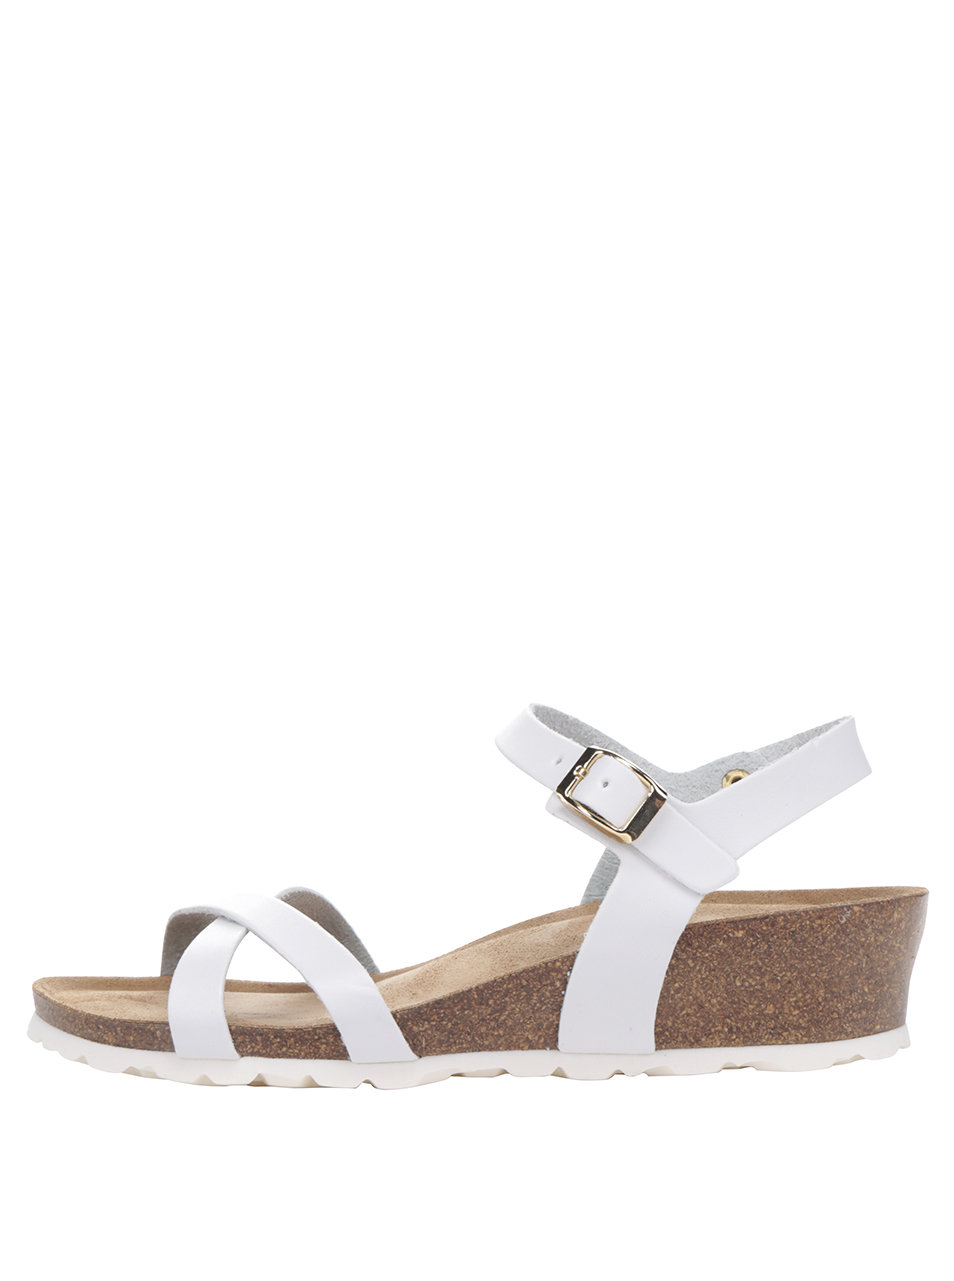 25294f6be6 Biele dámske sandále na platforme OJJU ...